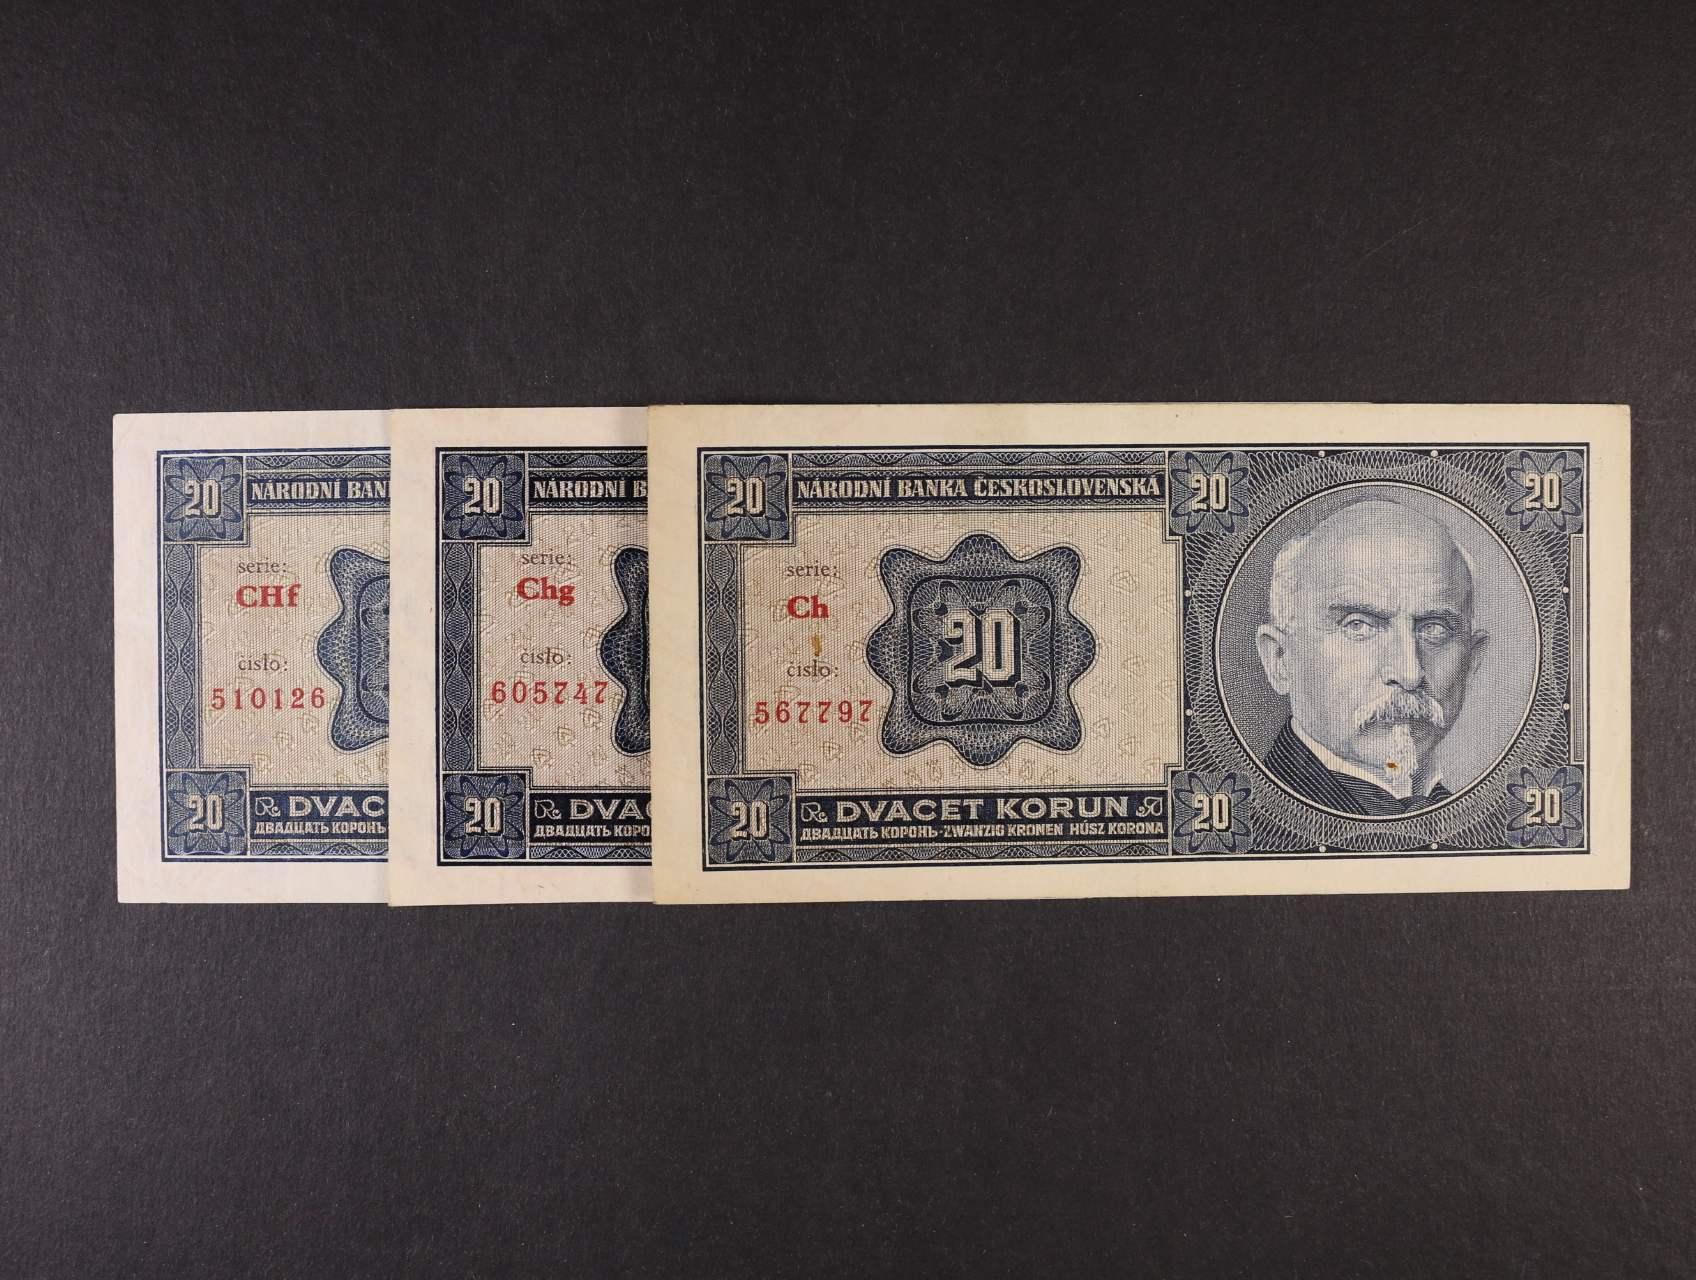 20 Kč 1.10.1926 série Ch, Chg, CHf, Ba. 21b2, Pi. 21a, 3ks